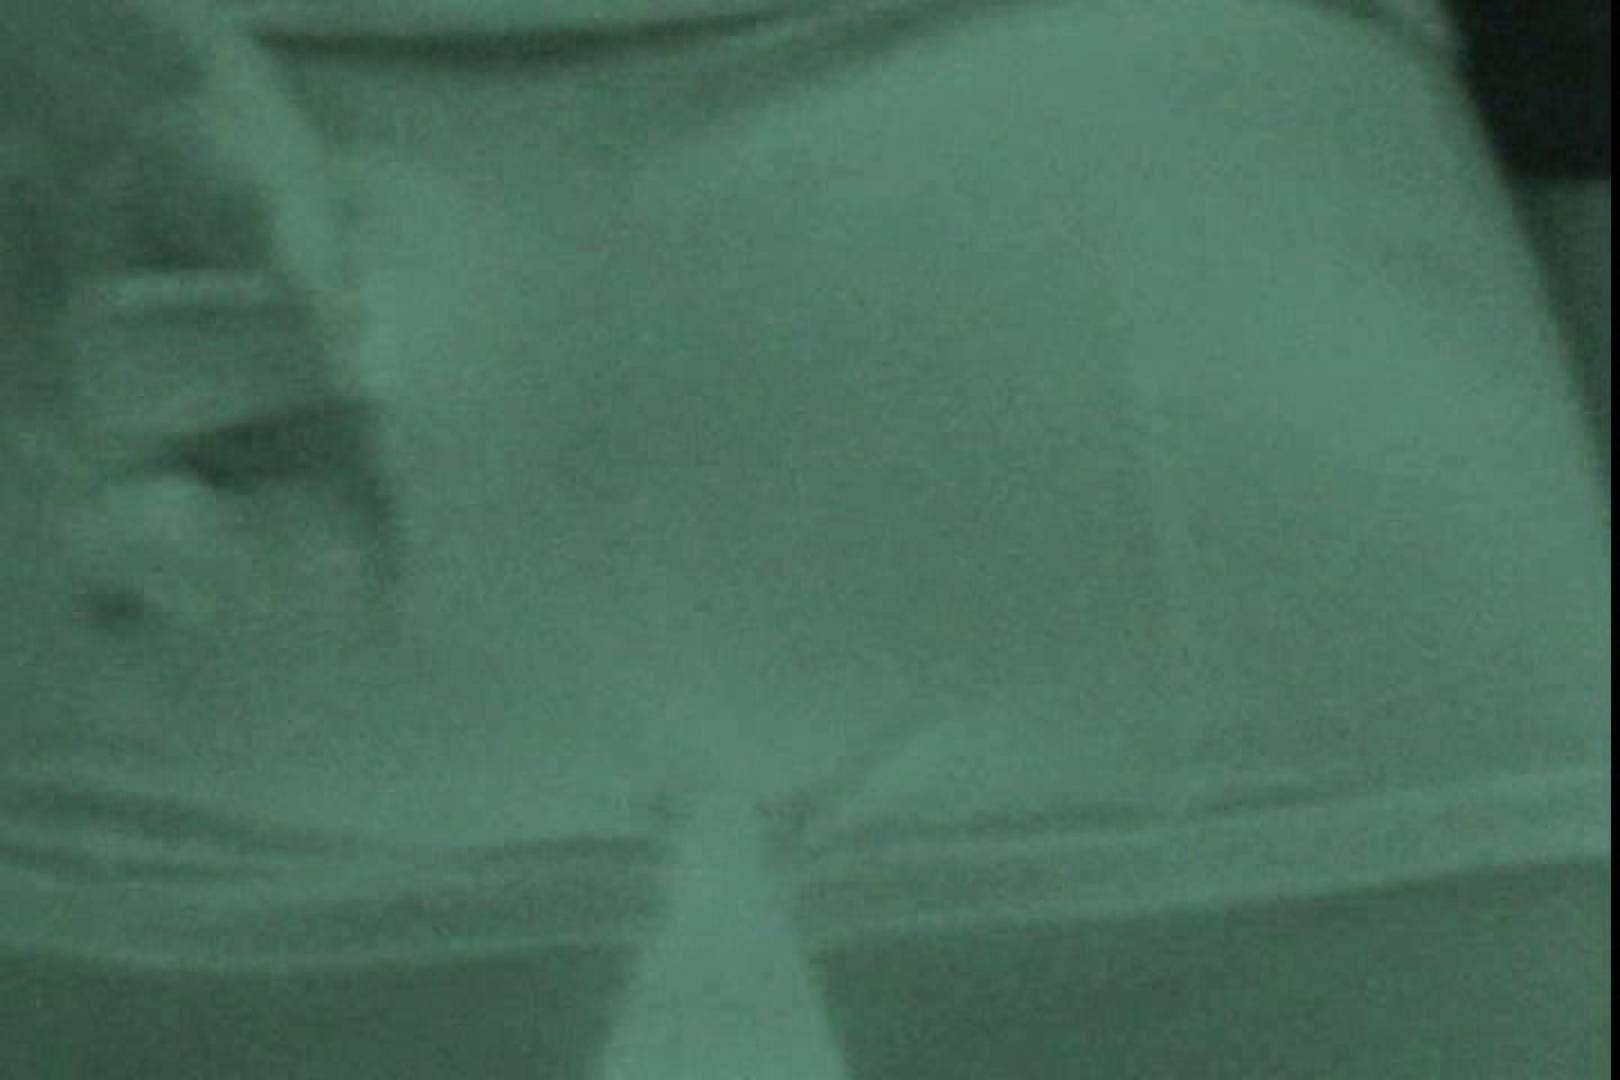 赤外線ムレスケバレー(汗) vol.05 赤外線 | 美しいOLの裸体  79pic 43